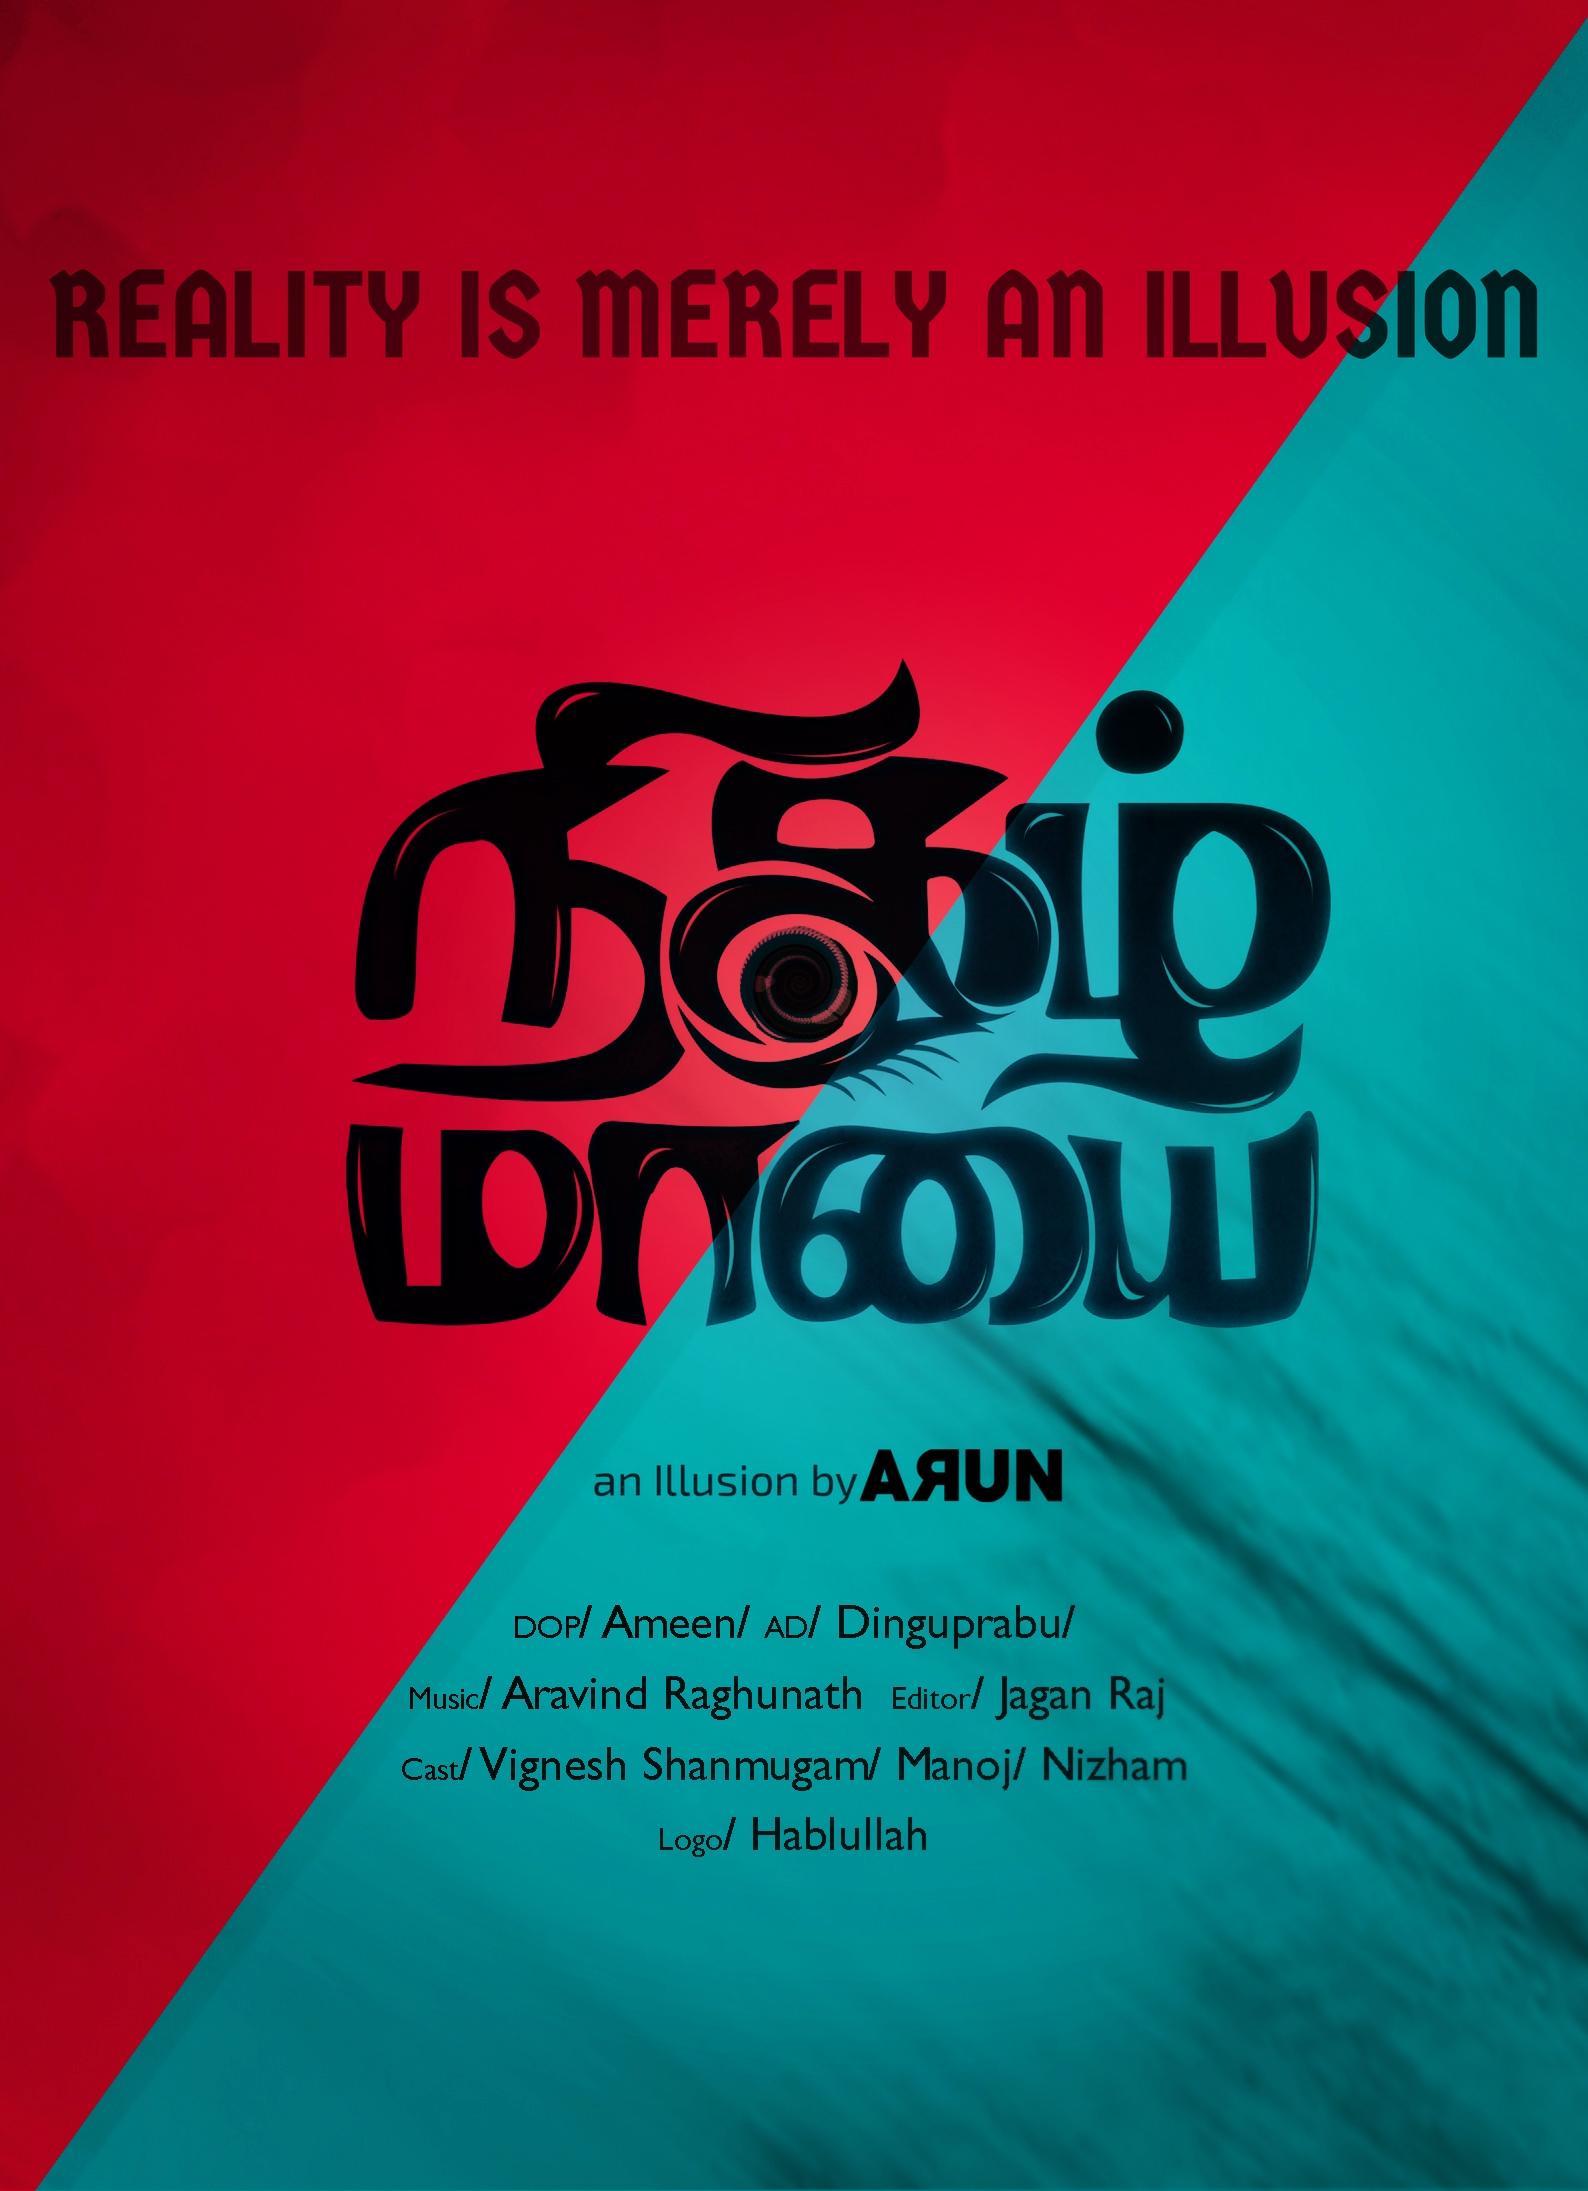 நிகழ் மாயை - Tamil Short film Directed by Arun Babu